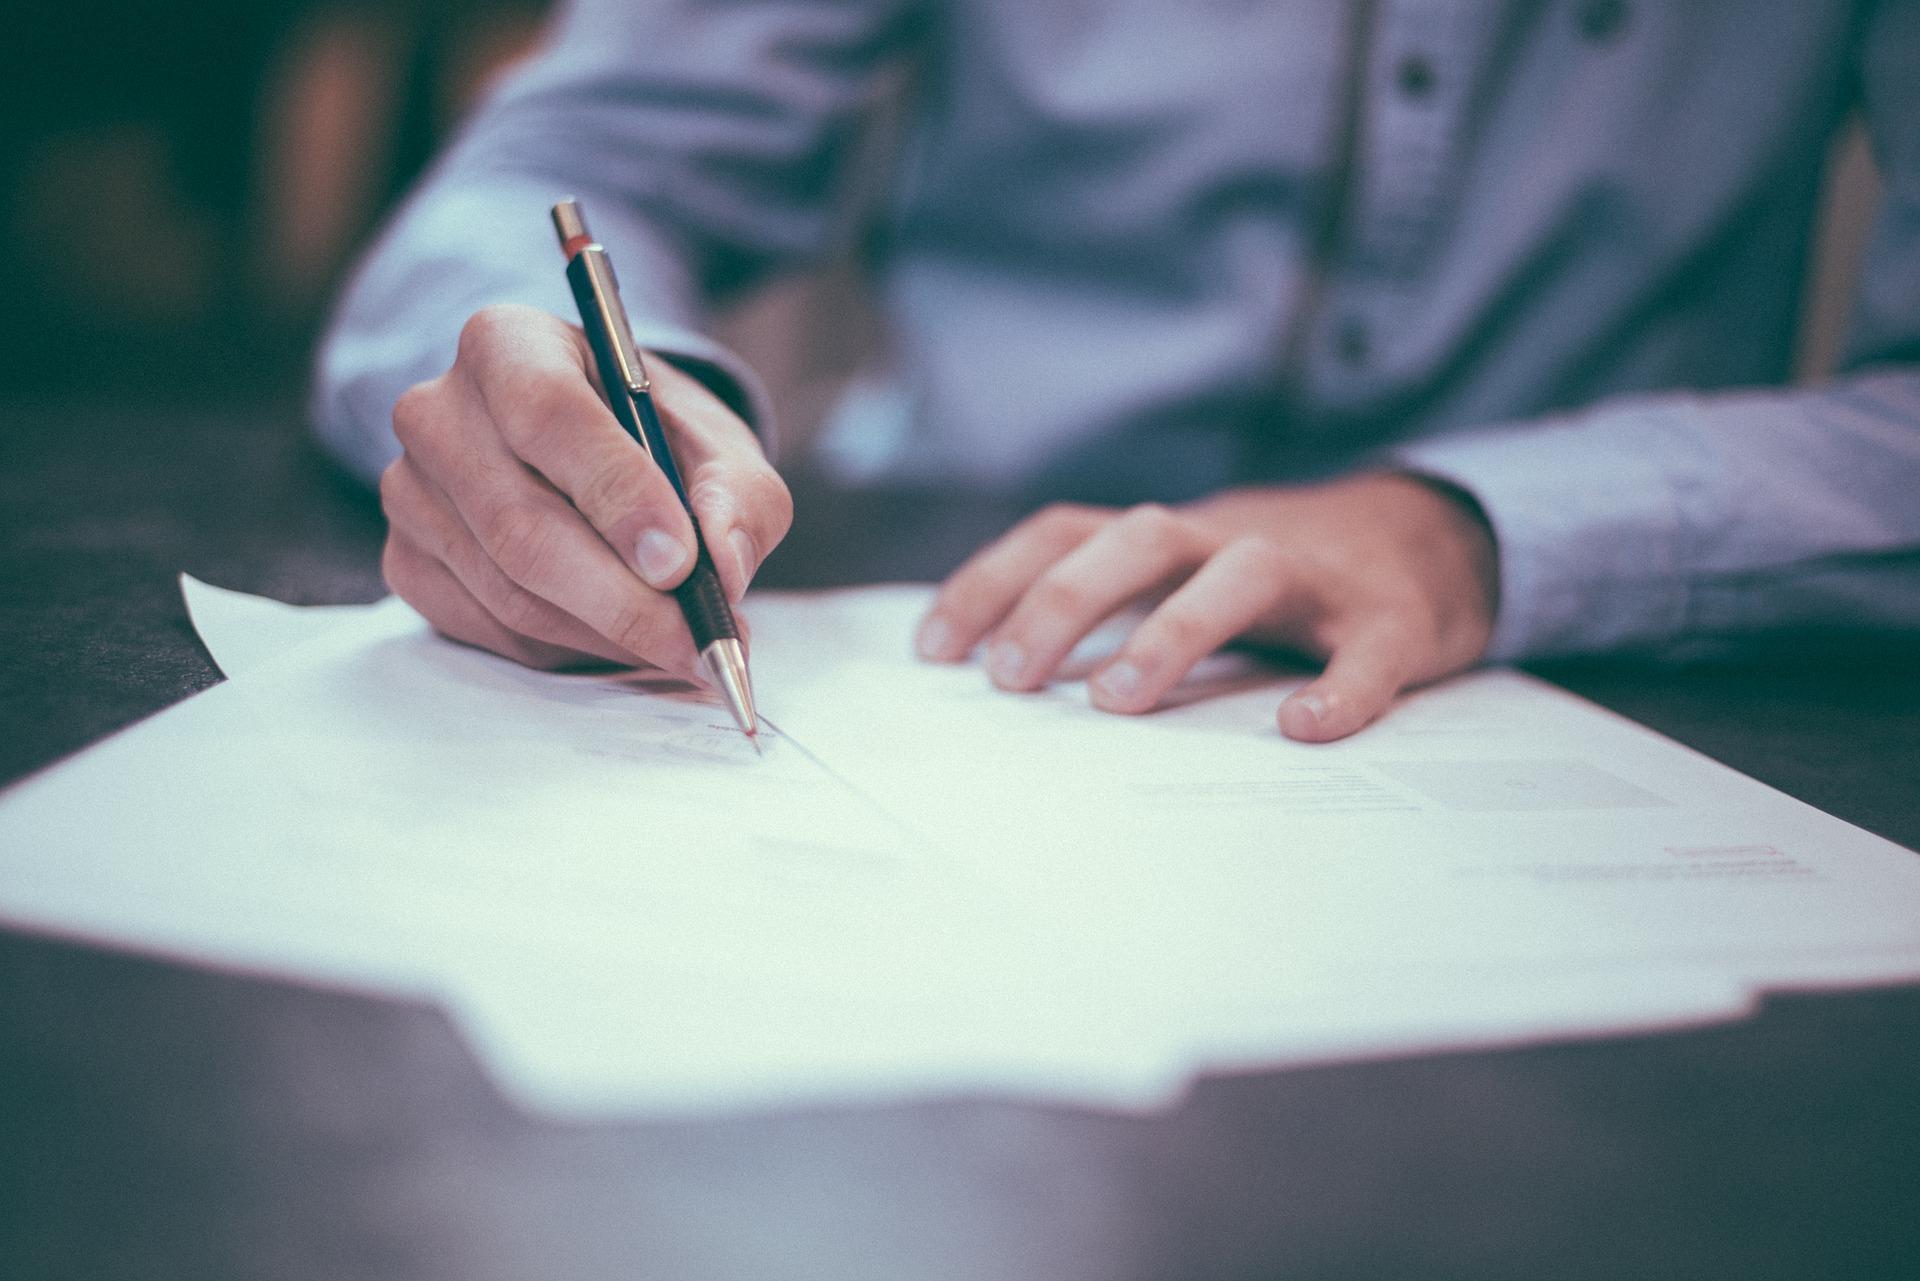 Egy férfi kezei, aki világos ingben tollal levelet ír